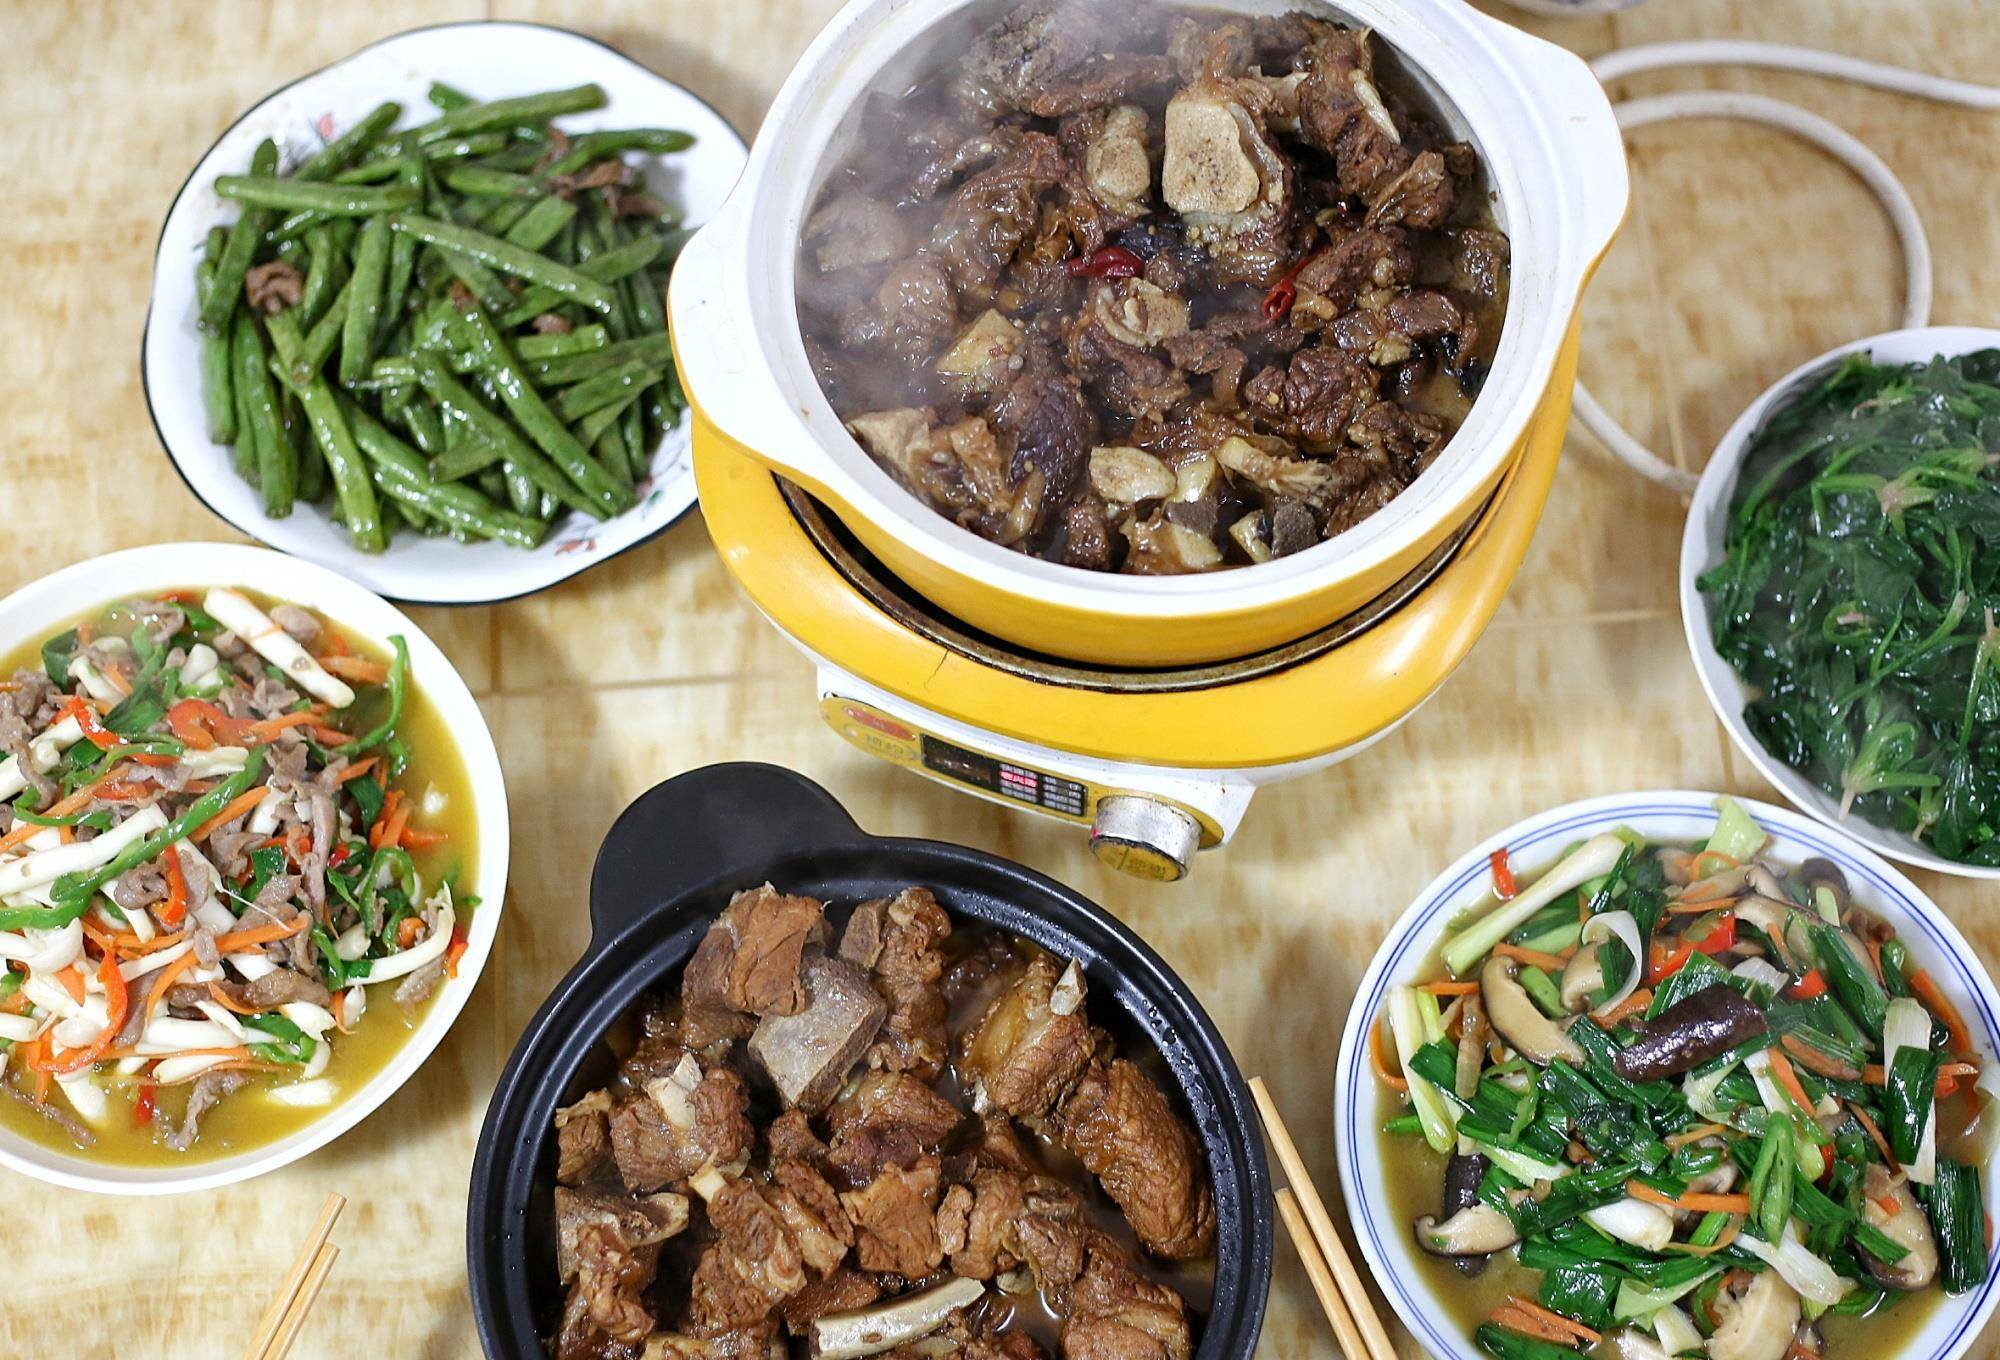 晚餐不知道吃什么?这5道家常菜有荤有素,不输大厨!  不知道吃什么菜